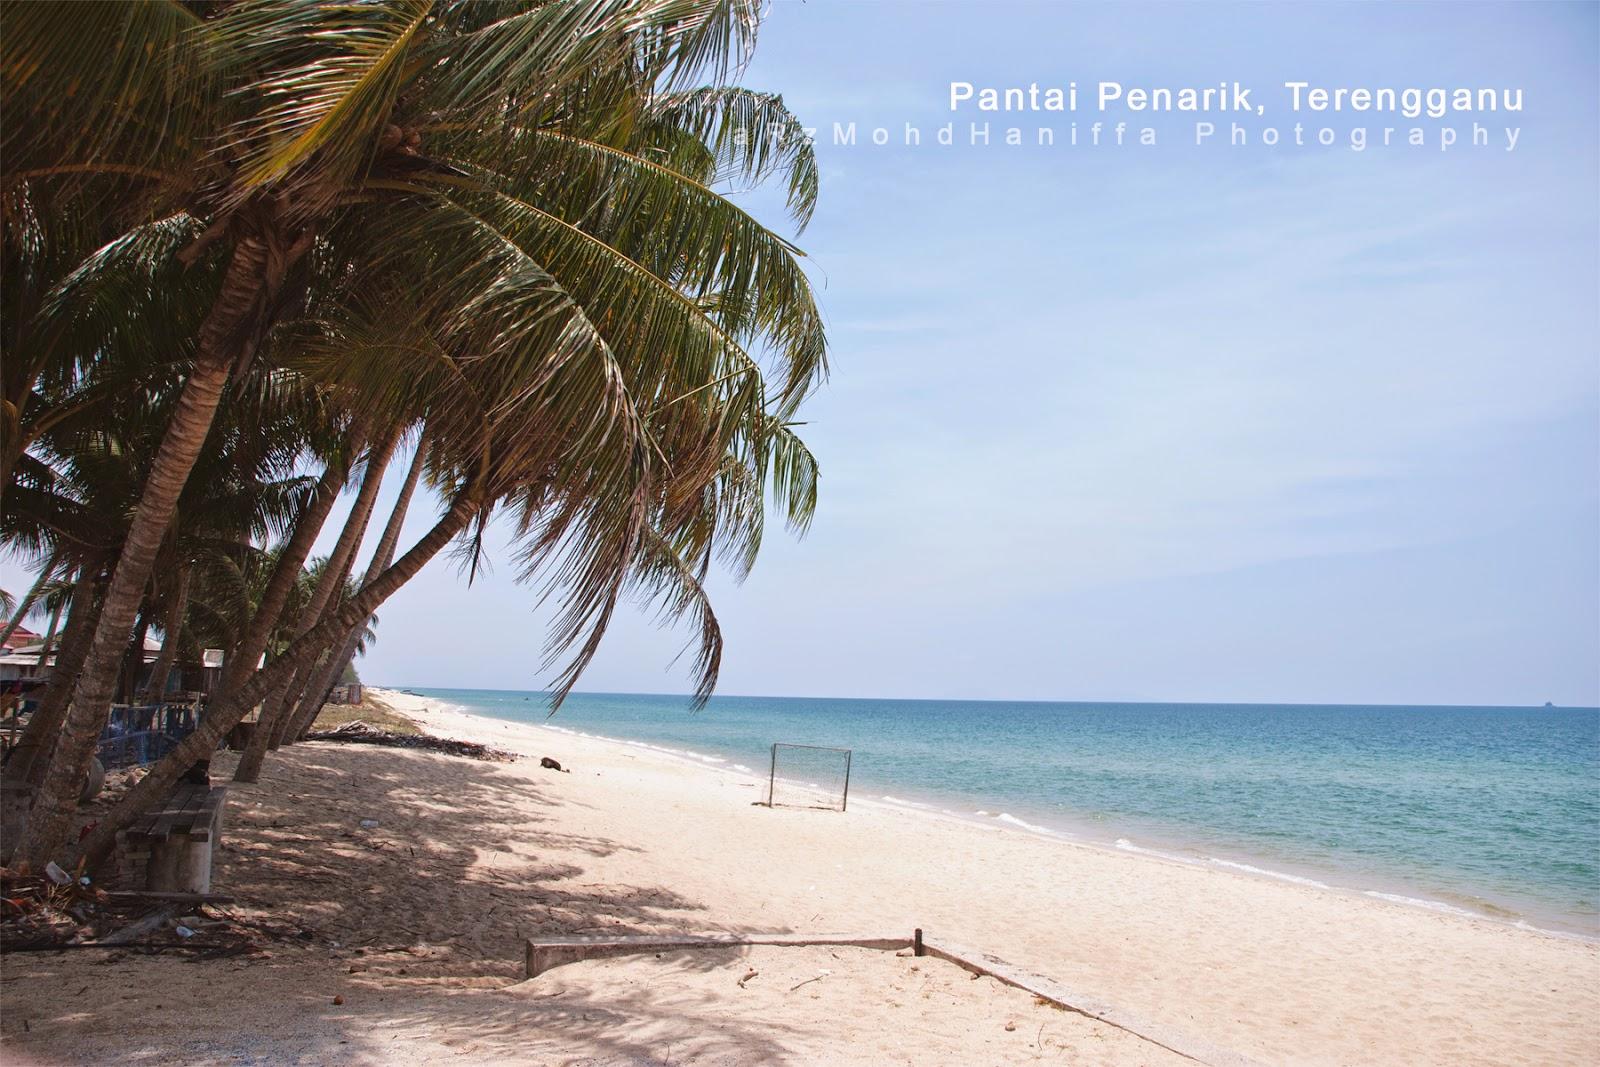 Penarik, Terengganu, gambar cantik, arzmohdhaniffa, pantai penarik kuala terengganu, pantai penarik, arzmoha, Malaysia travel blogger,